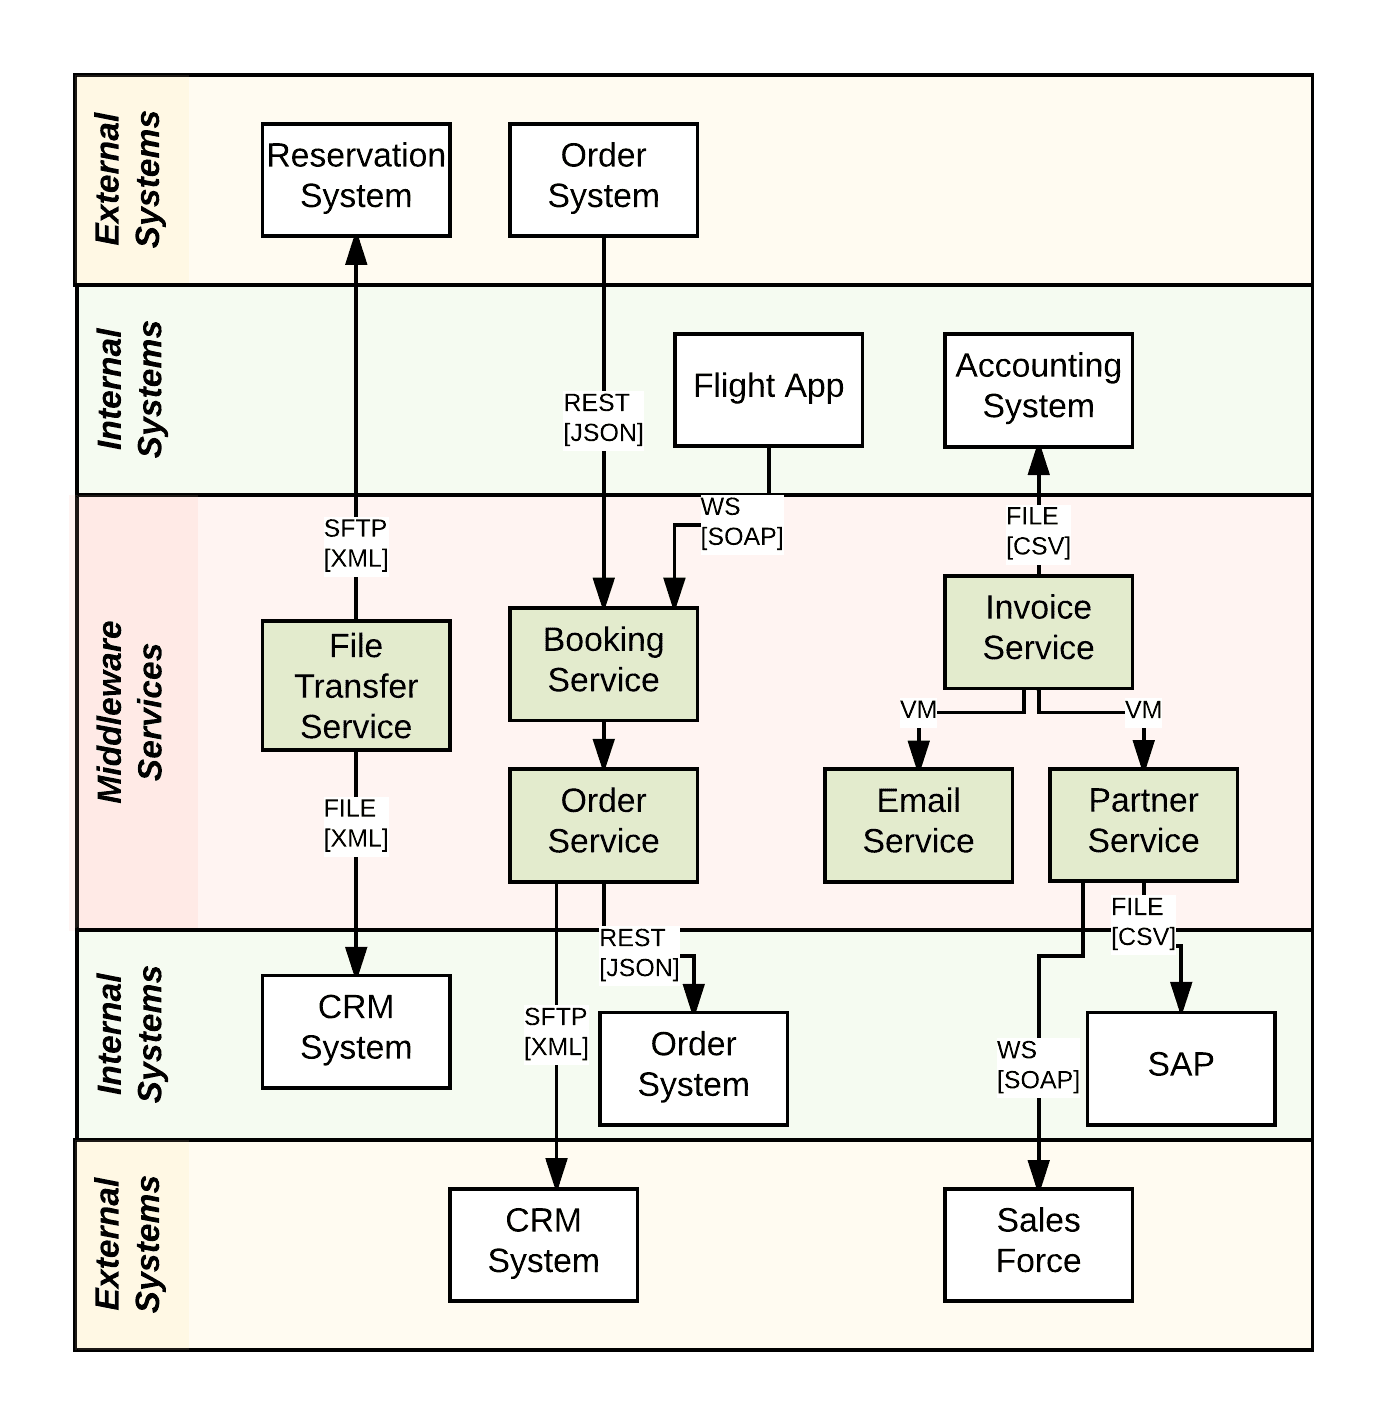 system context diagram [ 1387 x 1425 Pixel ]